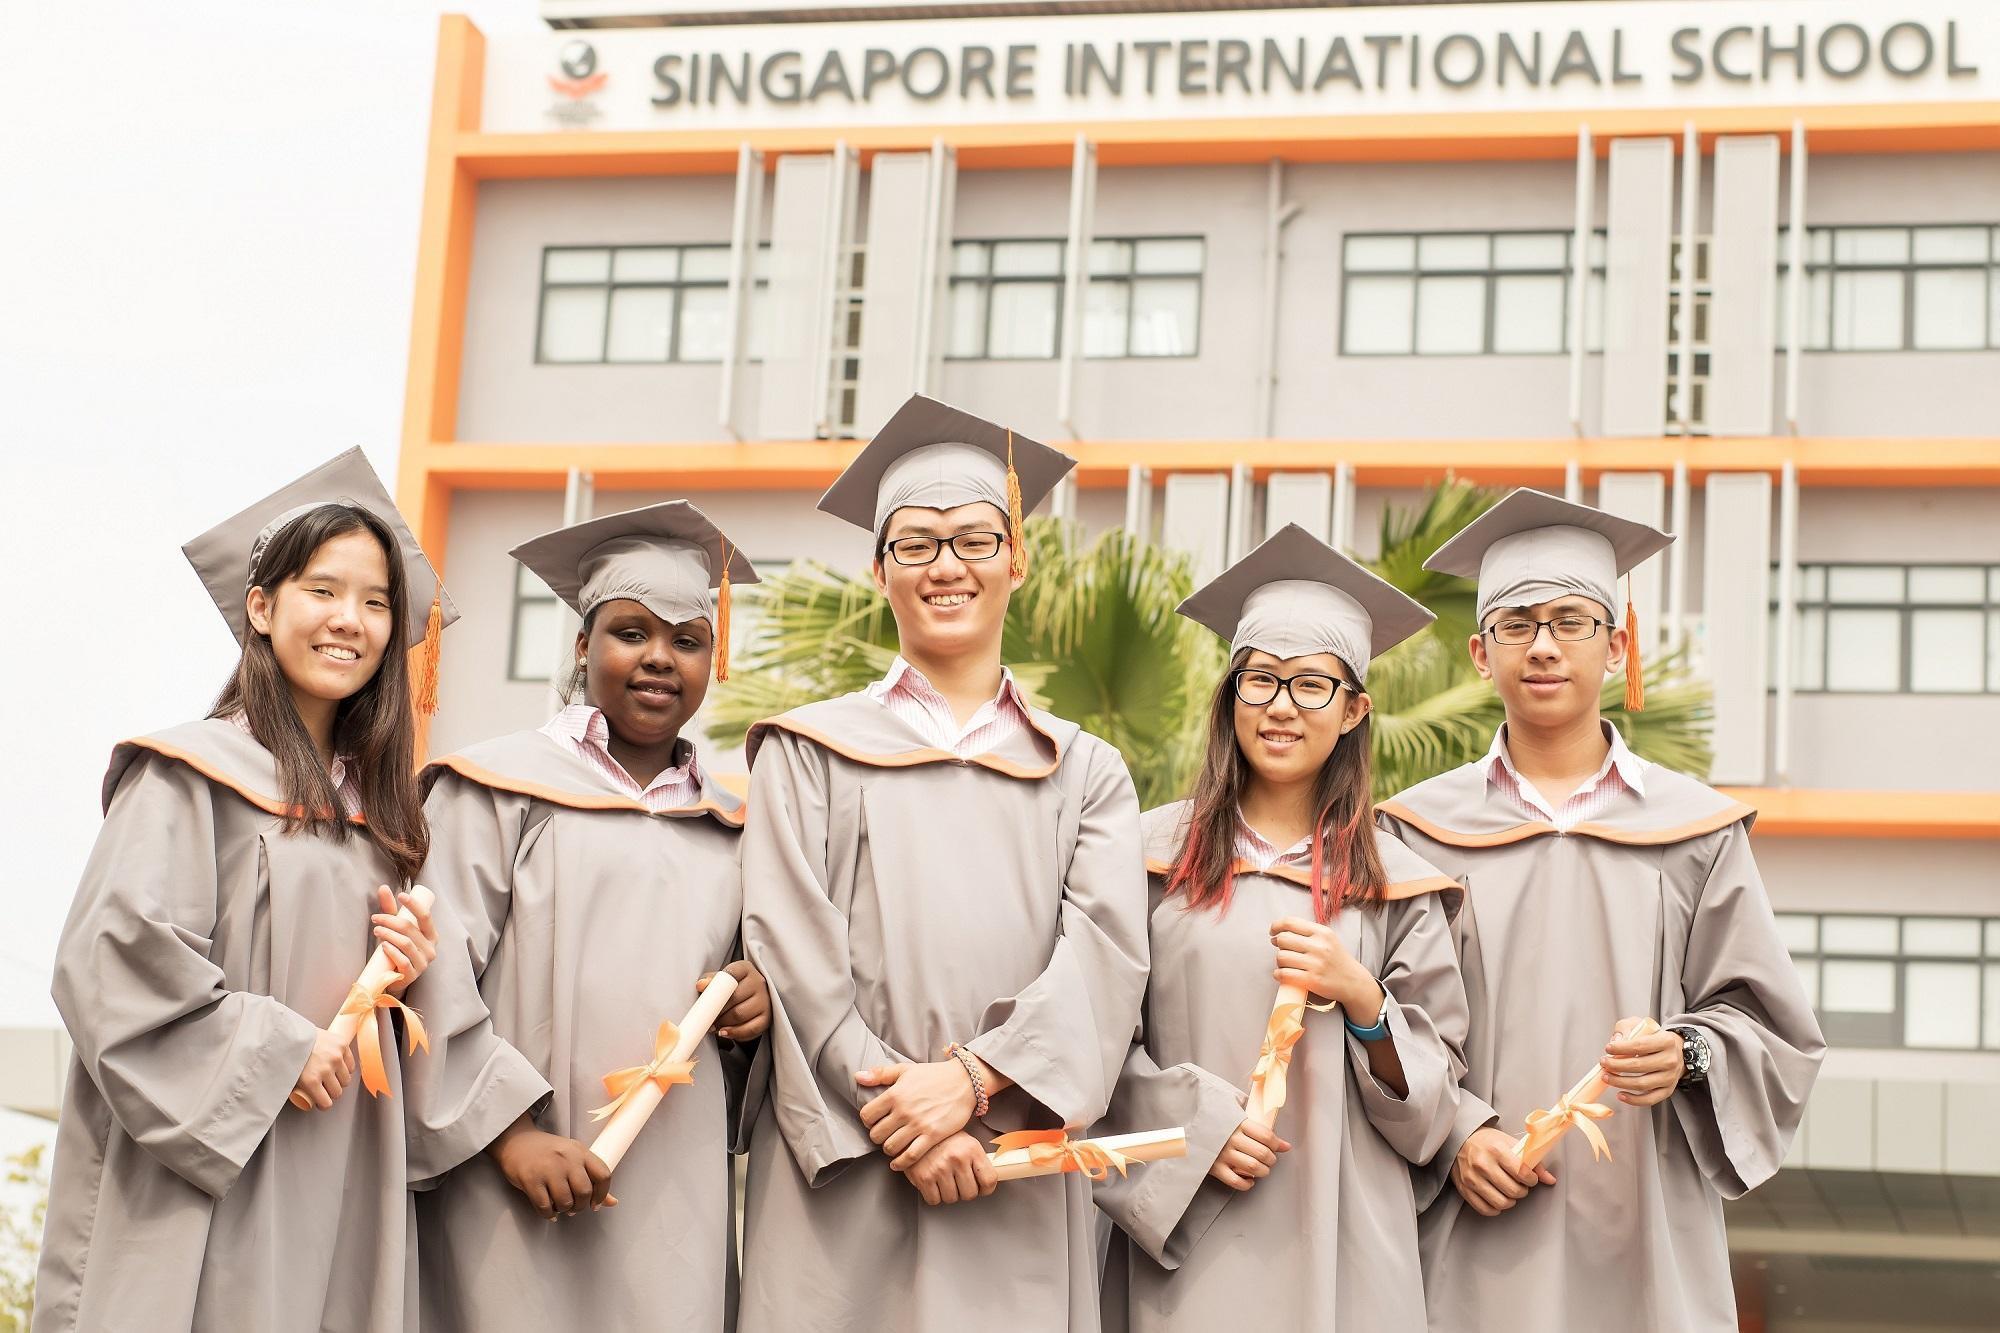 Gặp gỡ Thủ khoa thế giới kỳ thi quốc tế Cambridge tại Trường Quốc tế Singapore, Hà Nội - Ảnh 3.